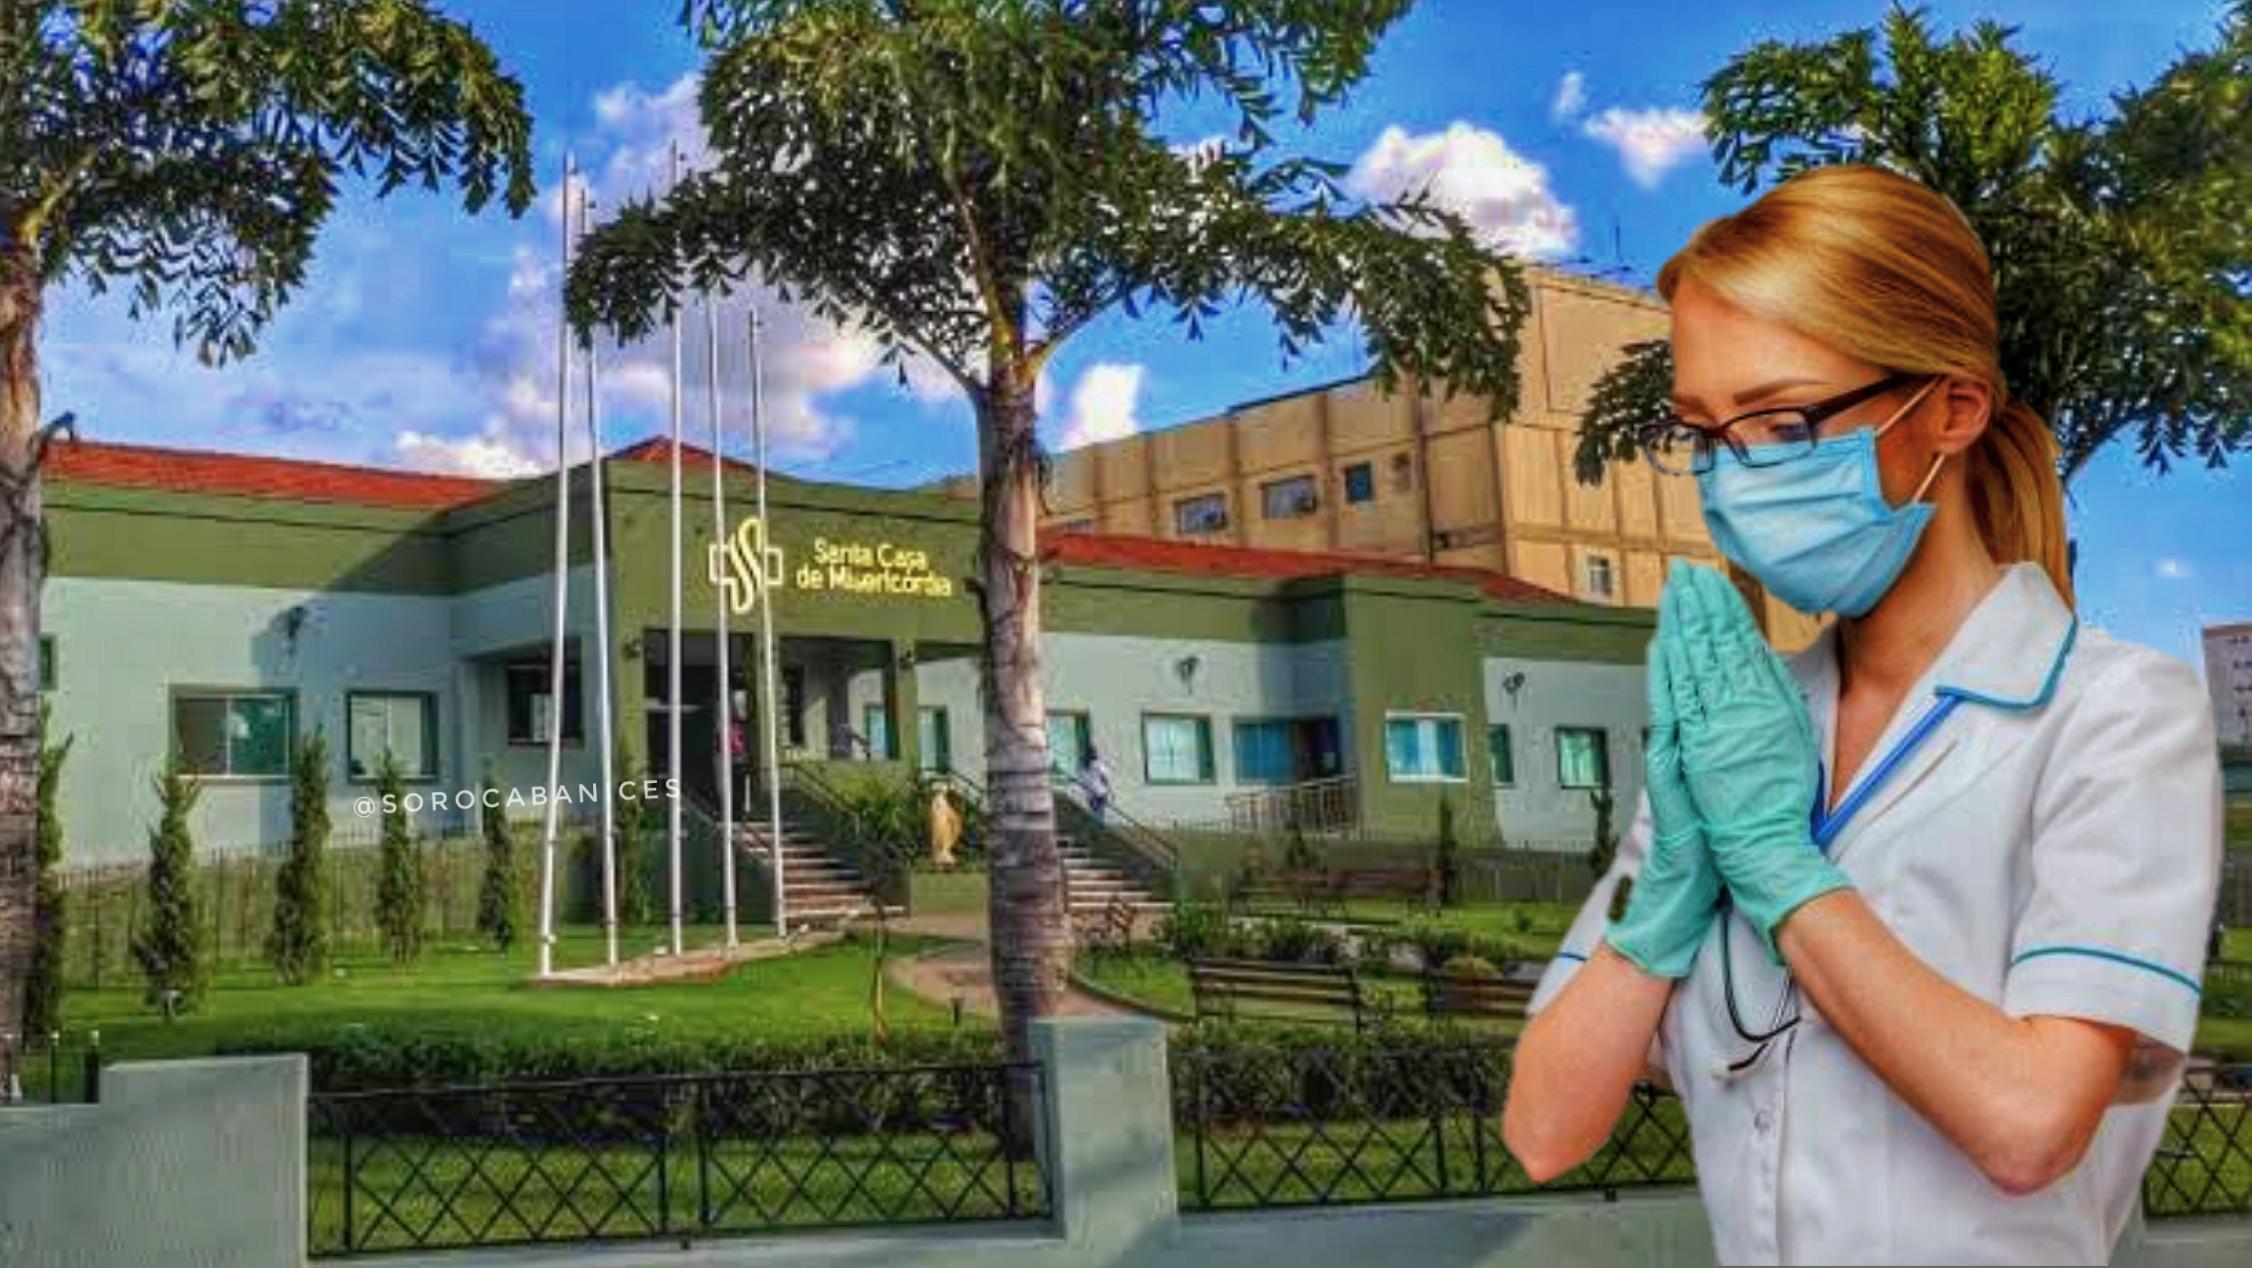 Sorocaba registra o menor número de internados com covid-19 desde junho